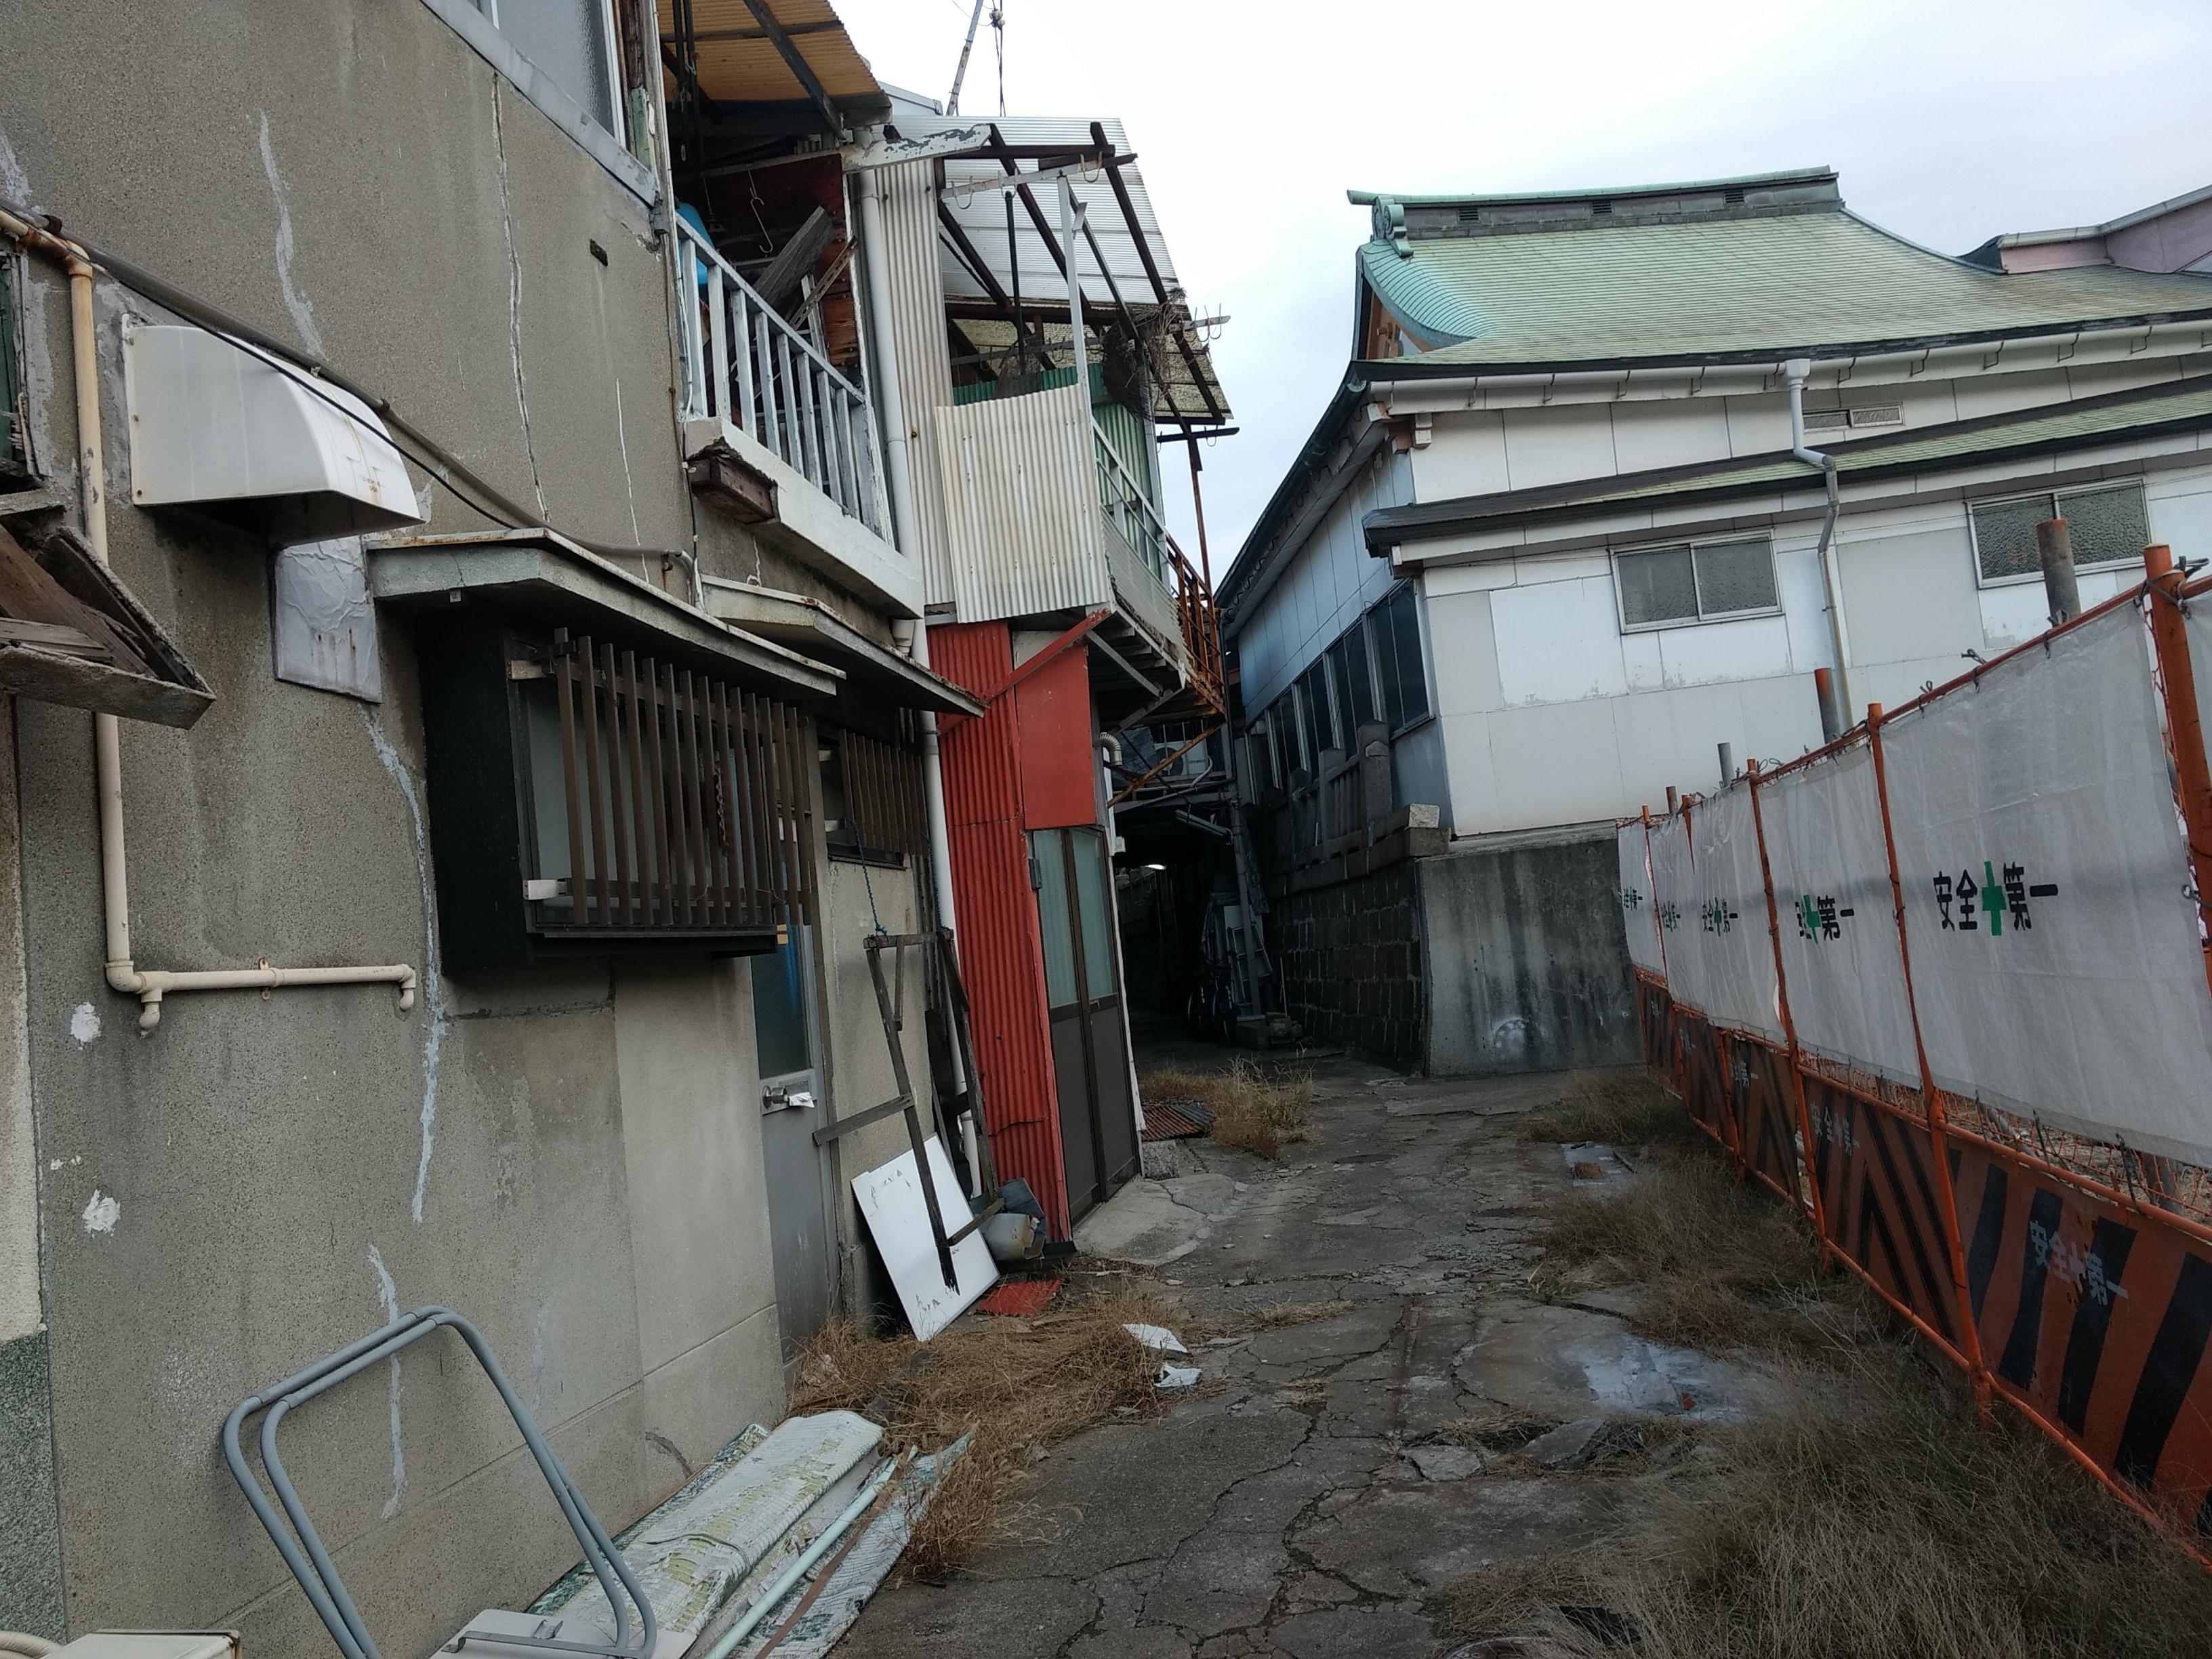 神戸のイメージとは真逆、神戸駅近くのド下町ゾーンを散歩した